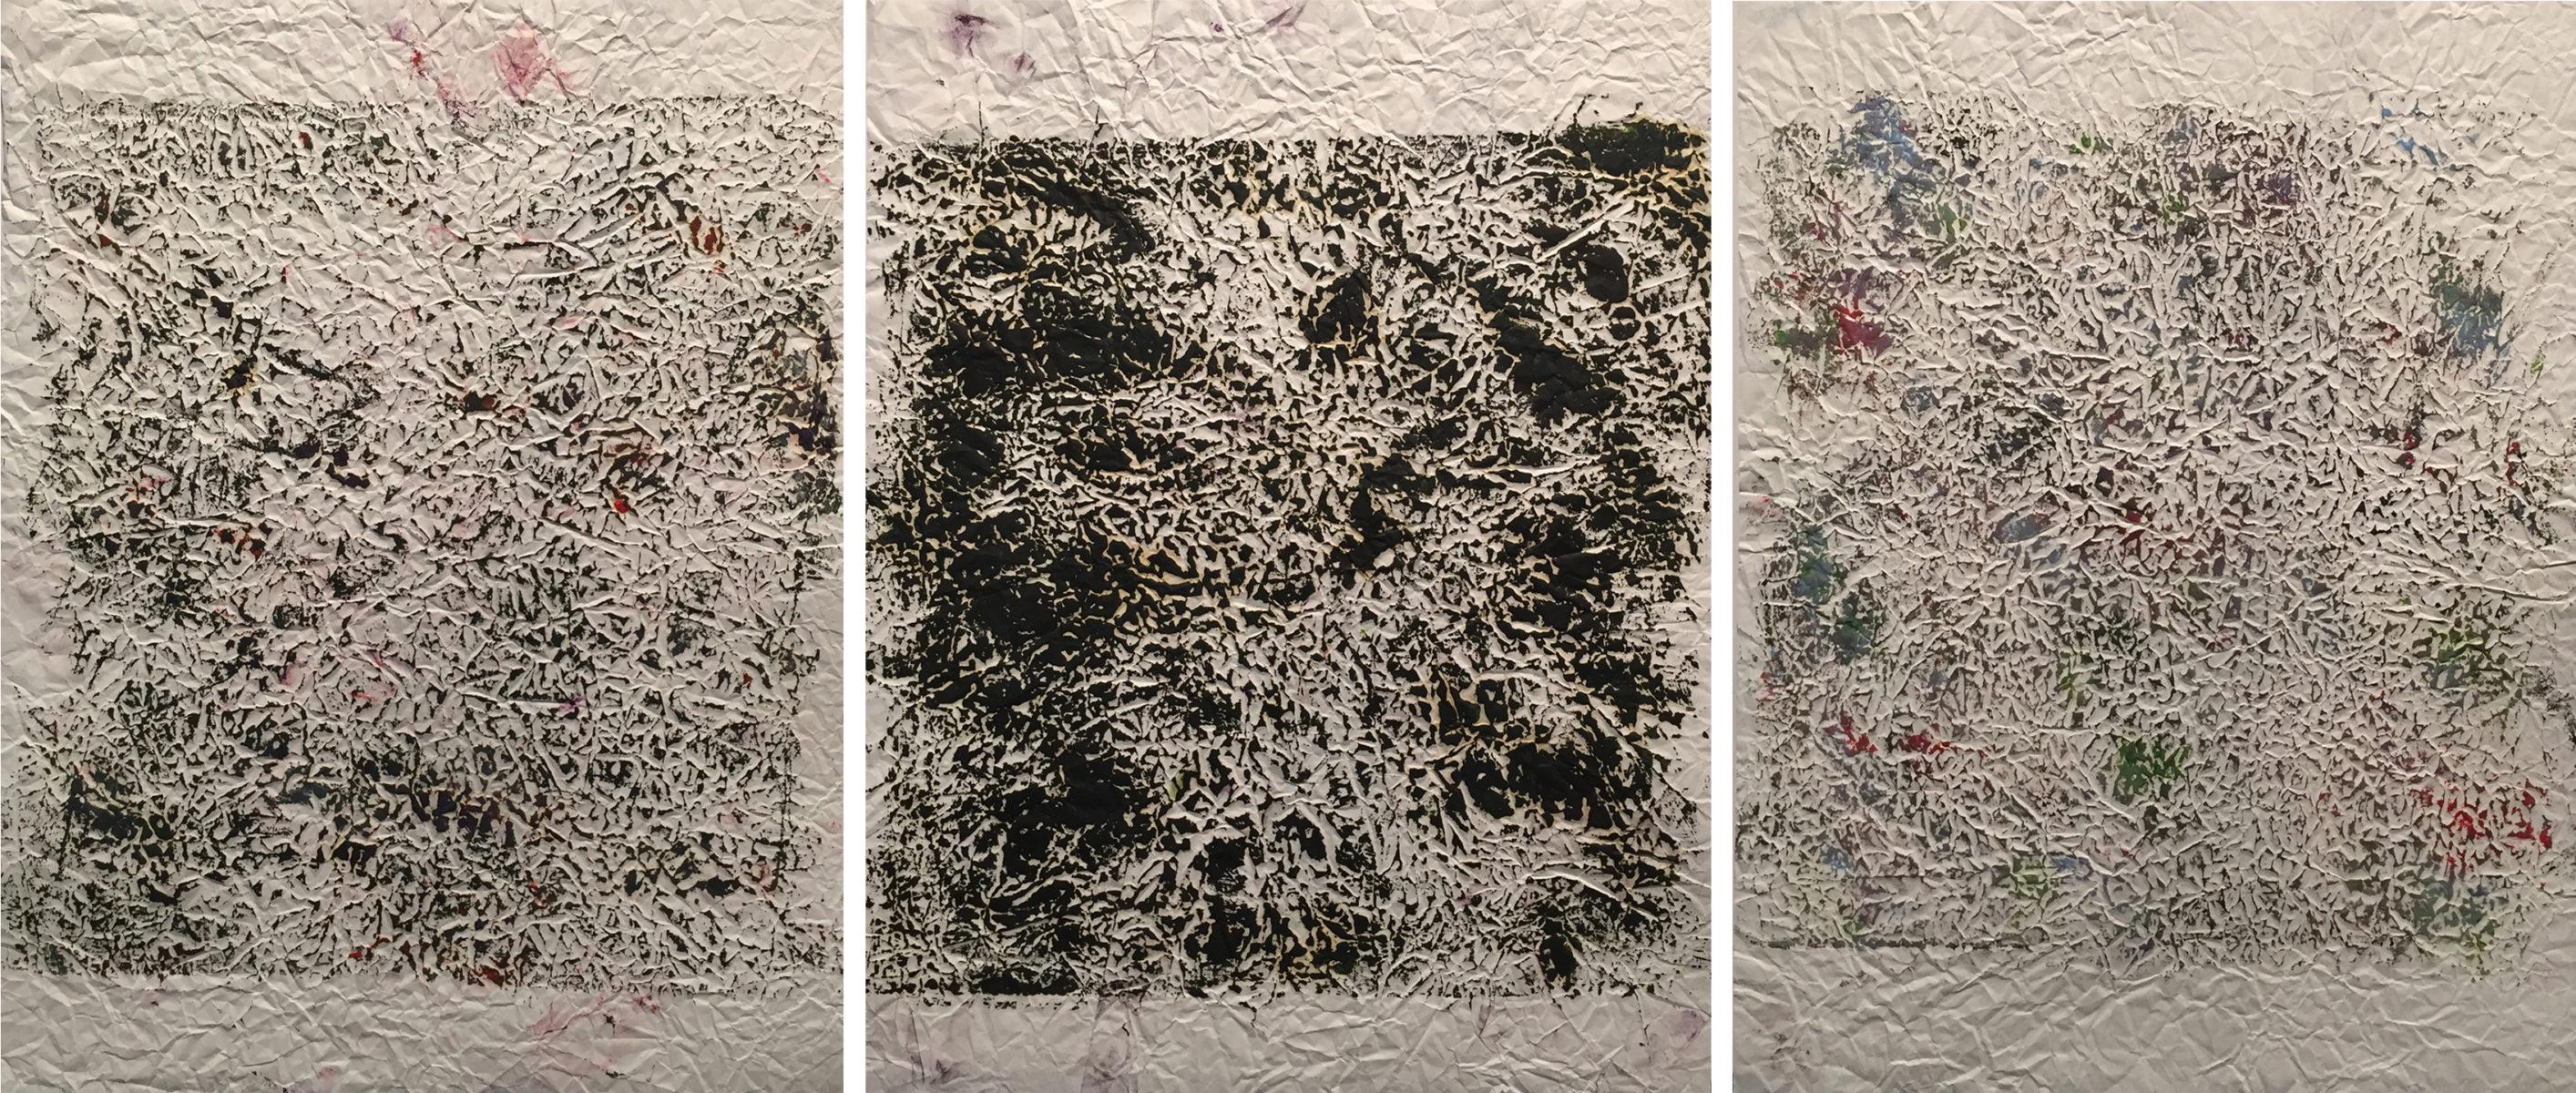 MARC FELD 2014 FRICHE 1  Huile sur papier 150 x 65 cm